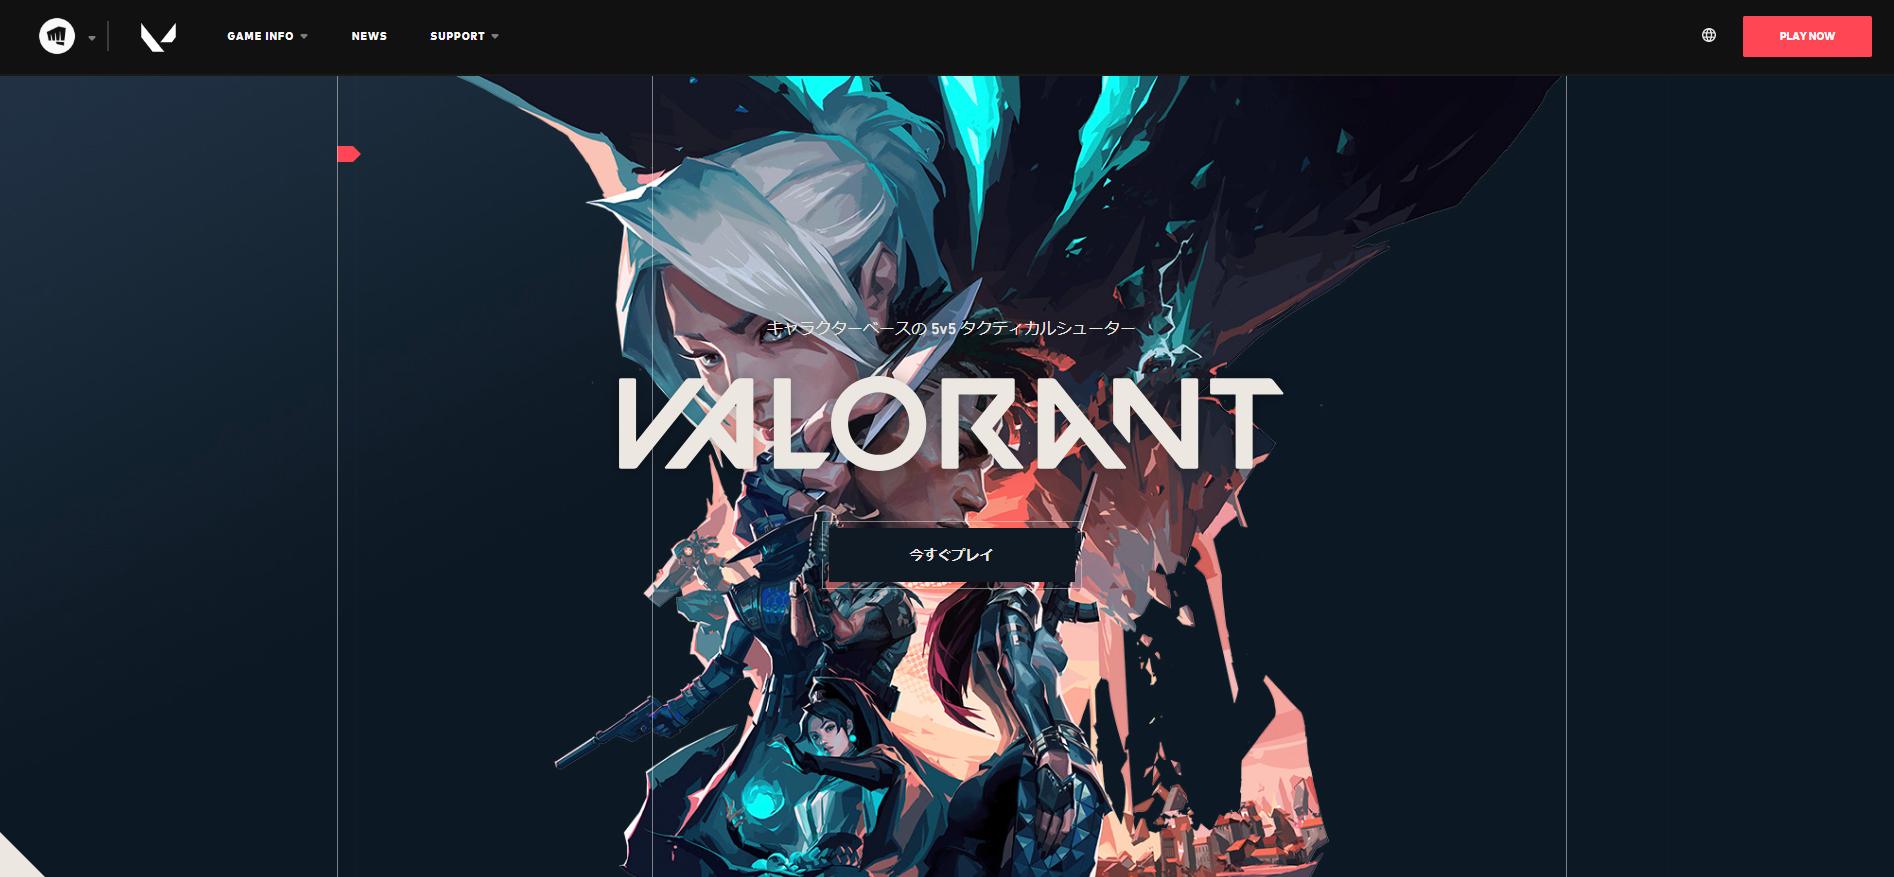 VALORANT(ヴァロラント)公式サイト